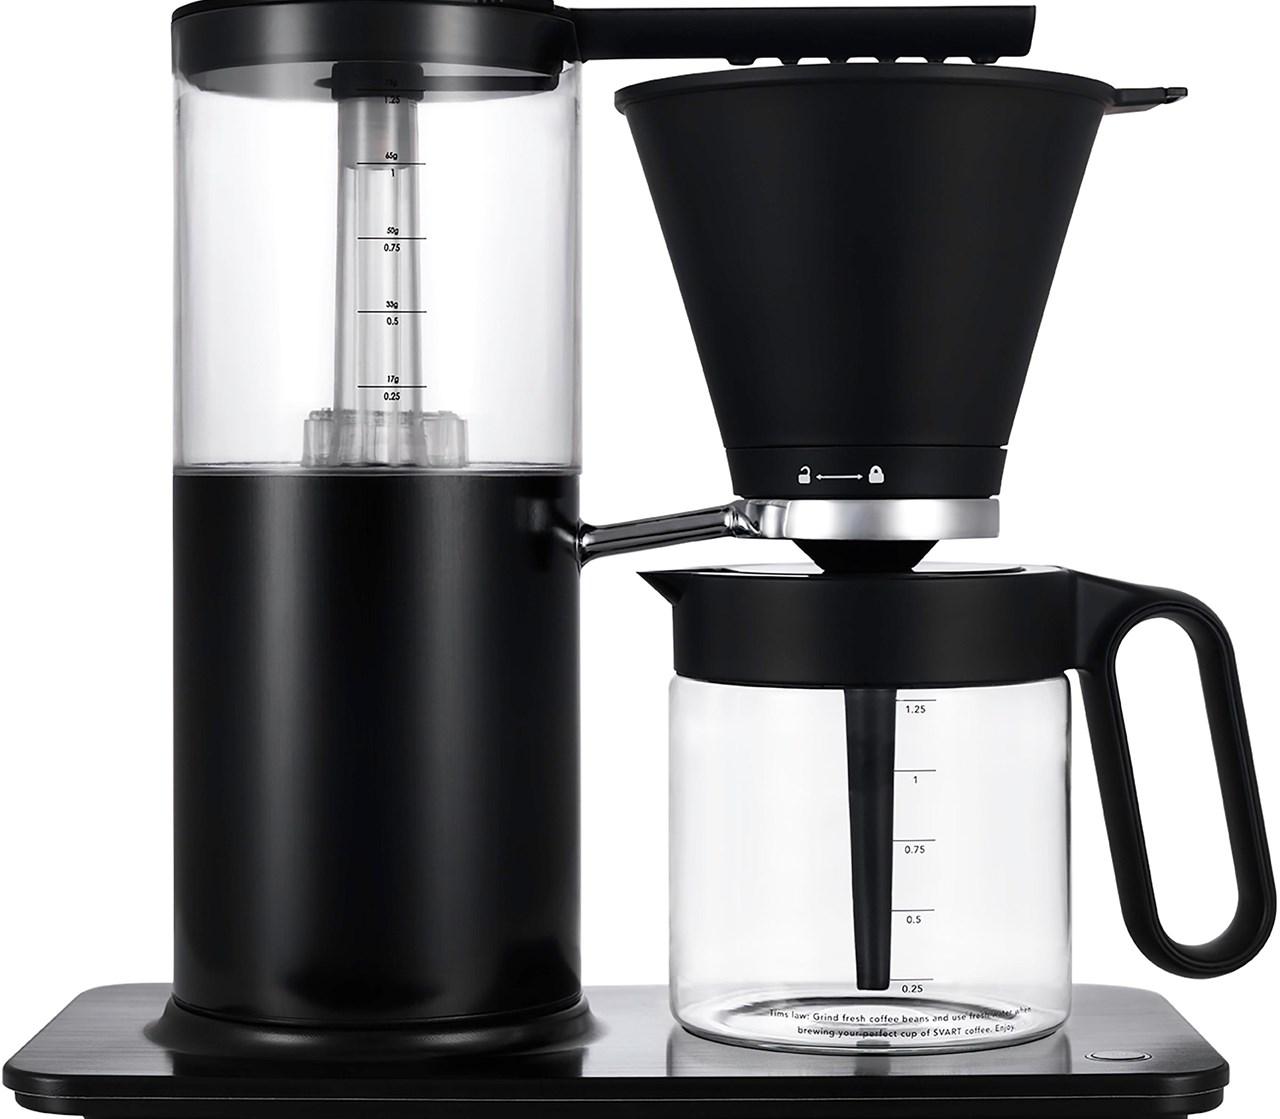 Hva slags kaffetrakter trenger du?